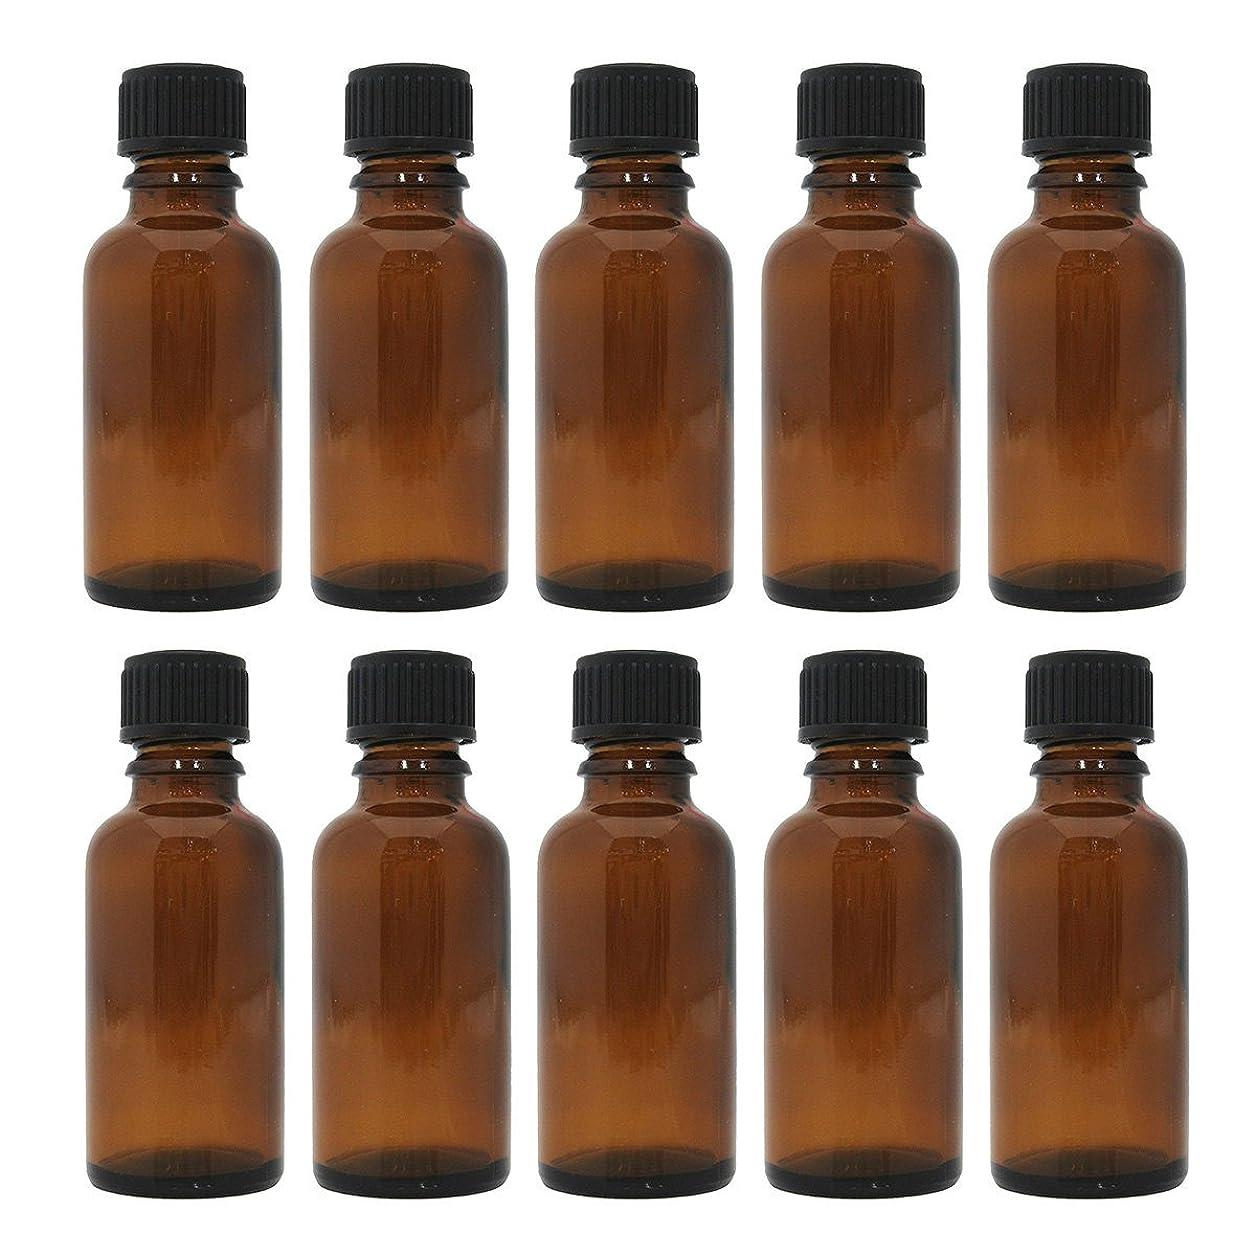 センブランスパウダーオーストラリア茶色遮光瓶 30ml (ドロッパー付) 10本セット